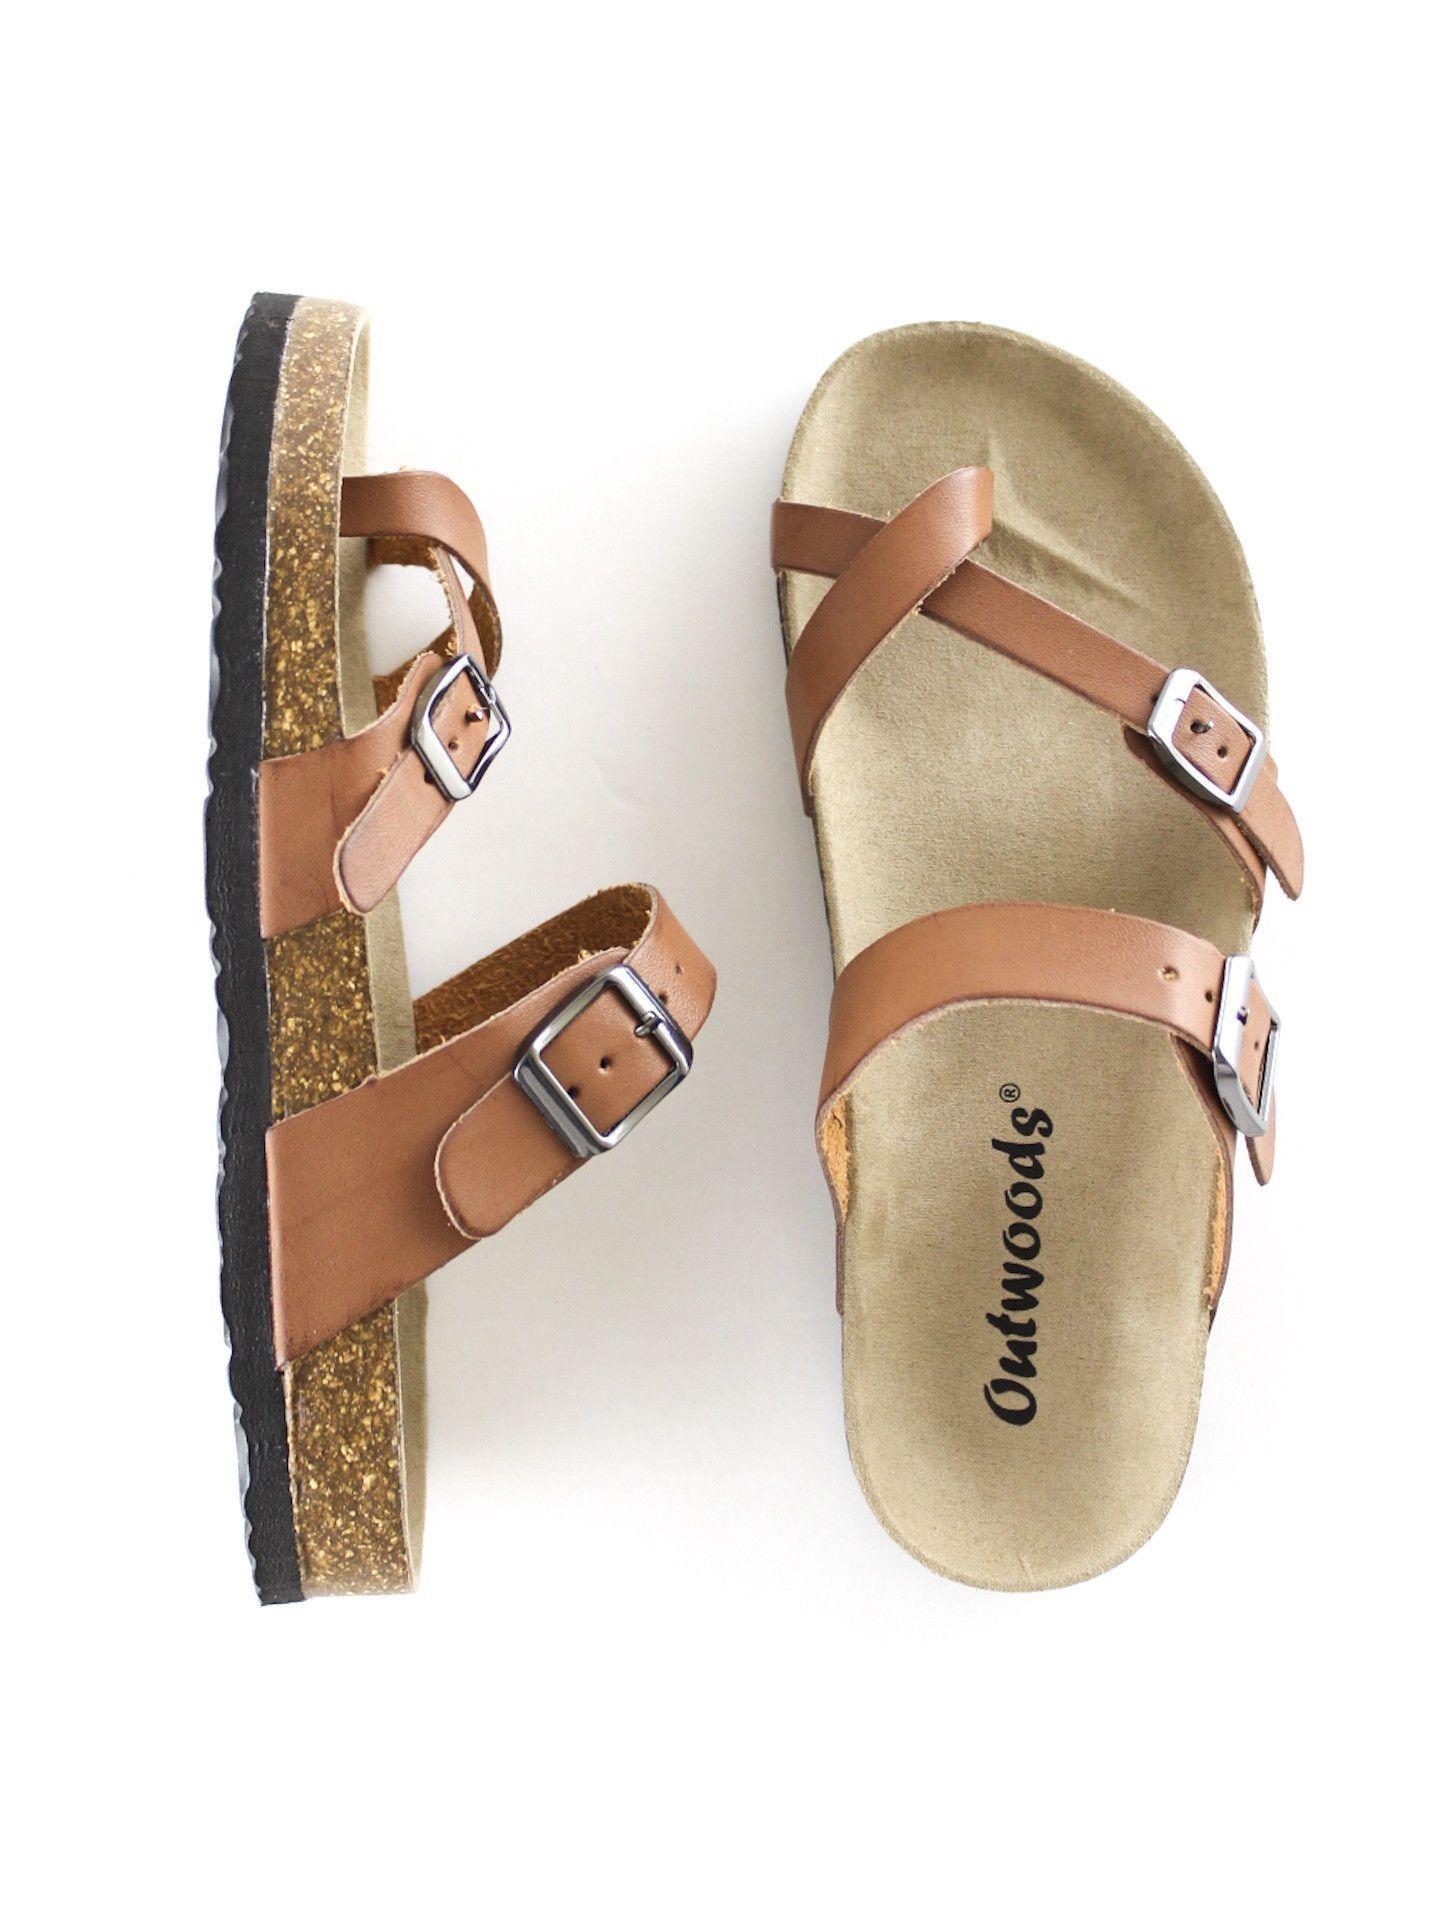 3b10110215c Double Buckle Sandals Sandalias De Verano